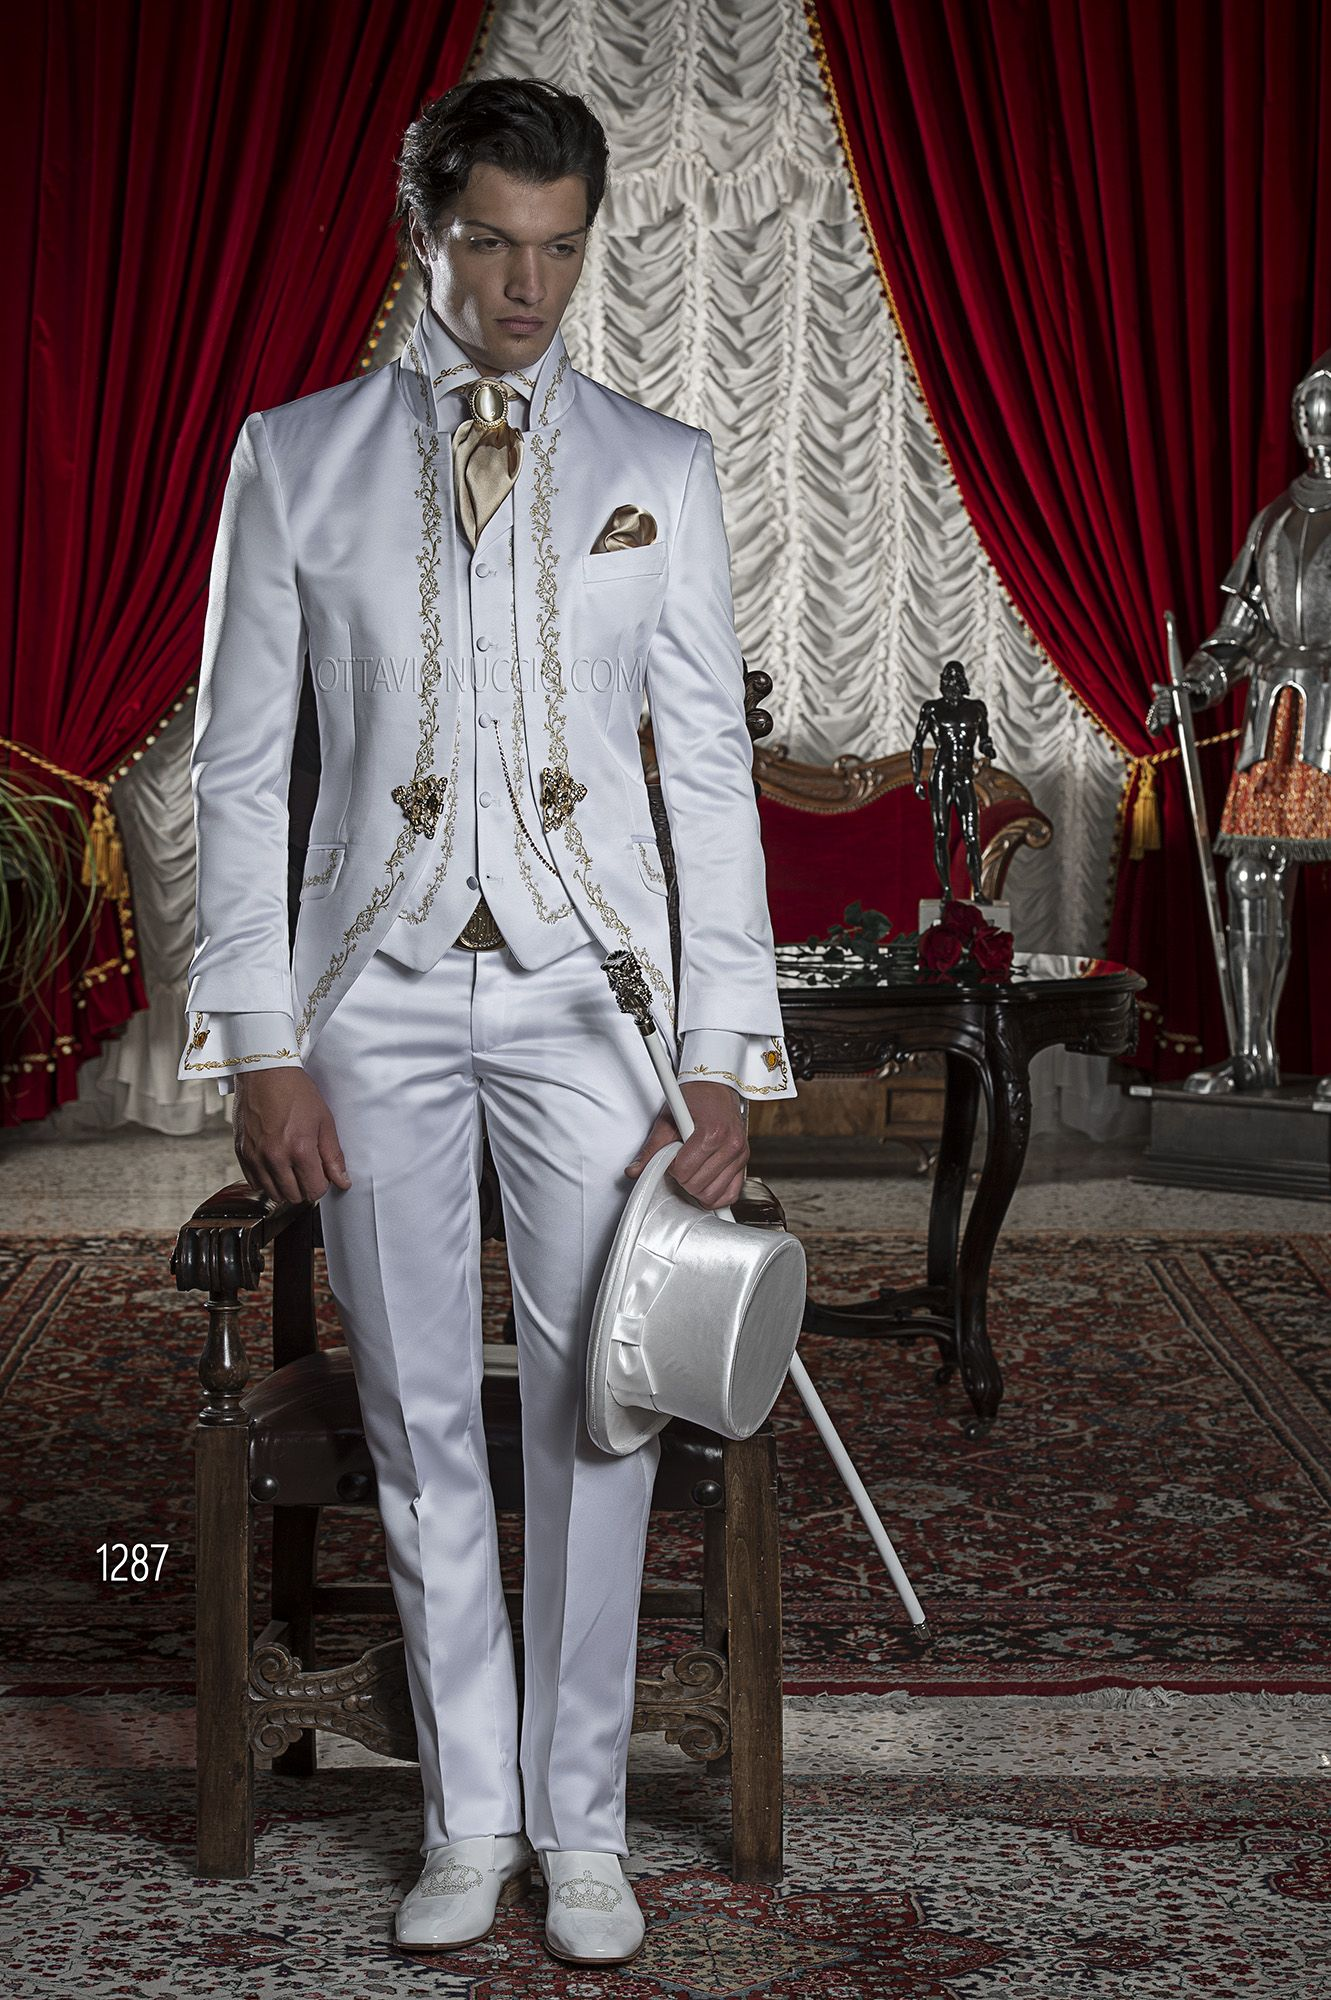 Abito Matrimonio Uomo Rosso : Abito da cerimonia uomo in raso bianco ricamato oro